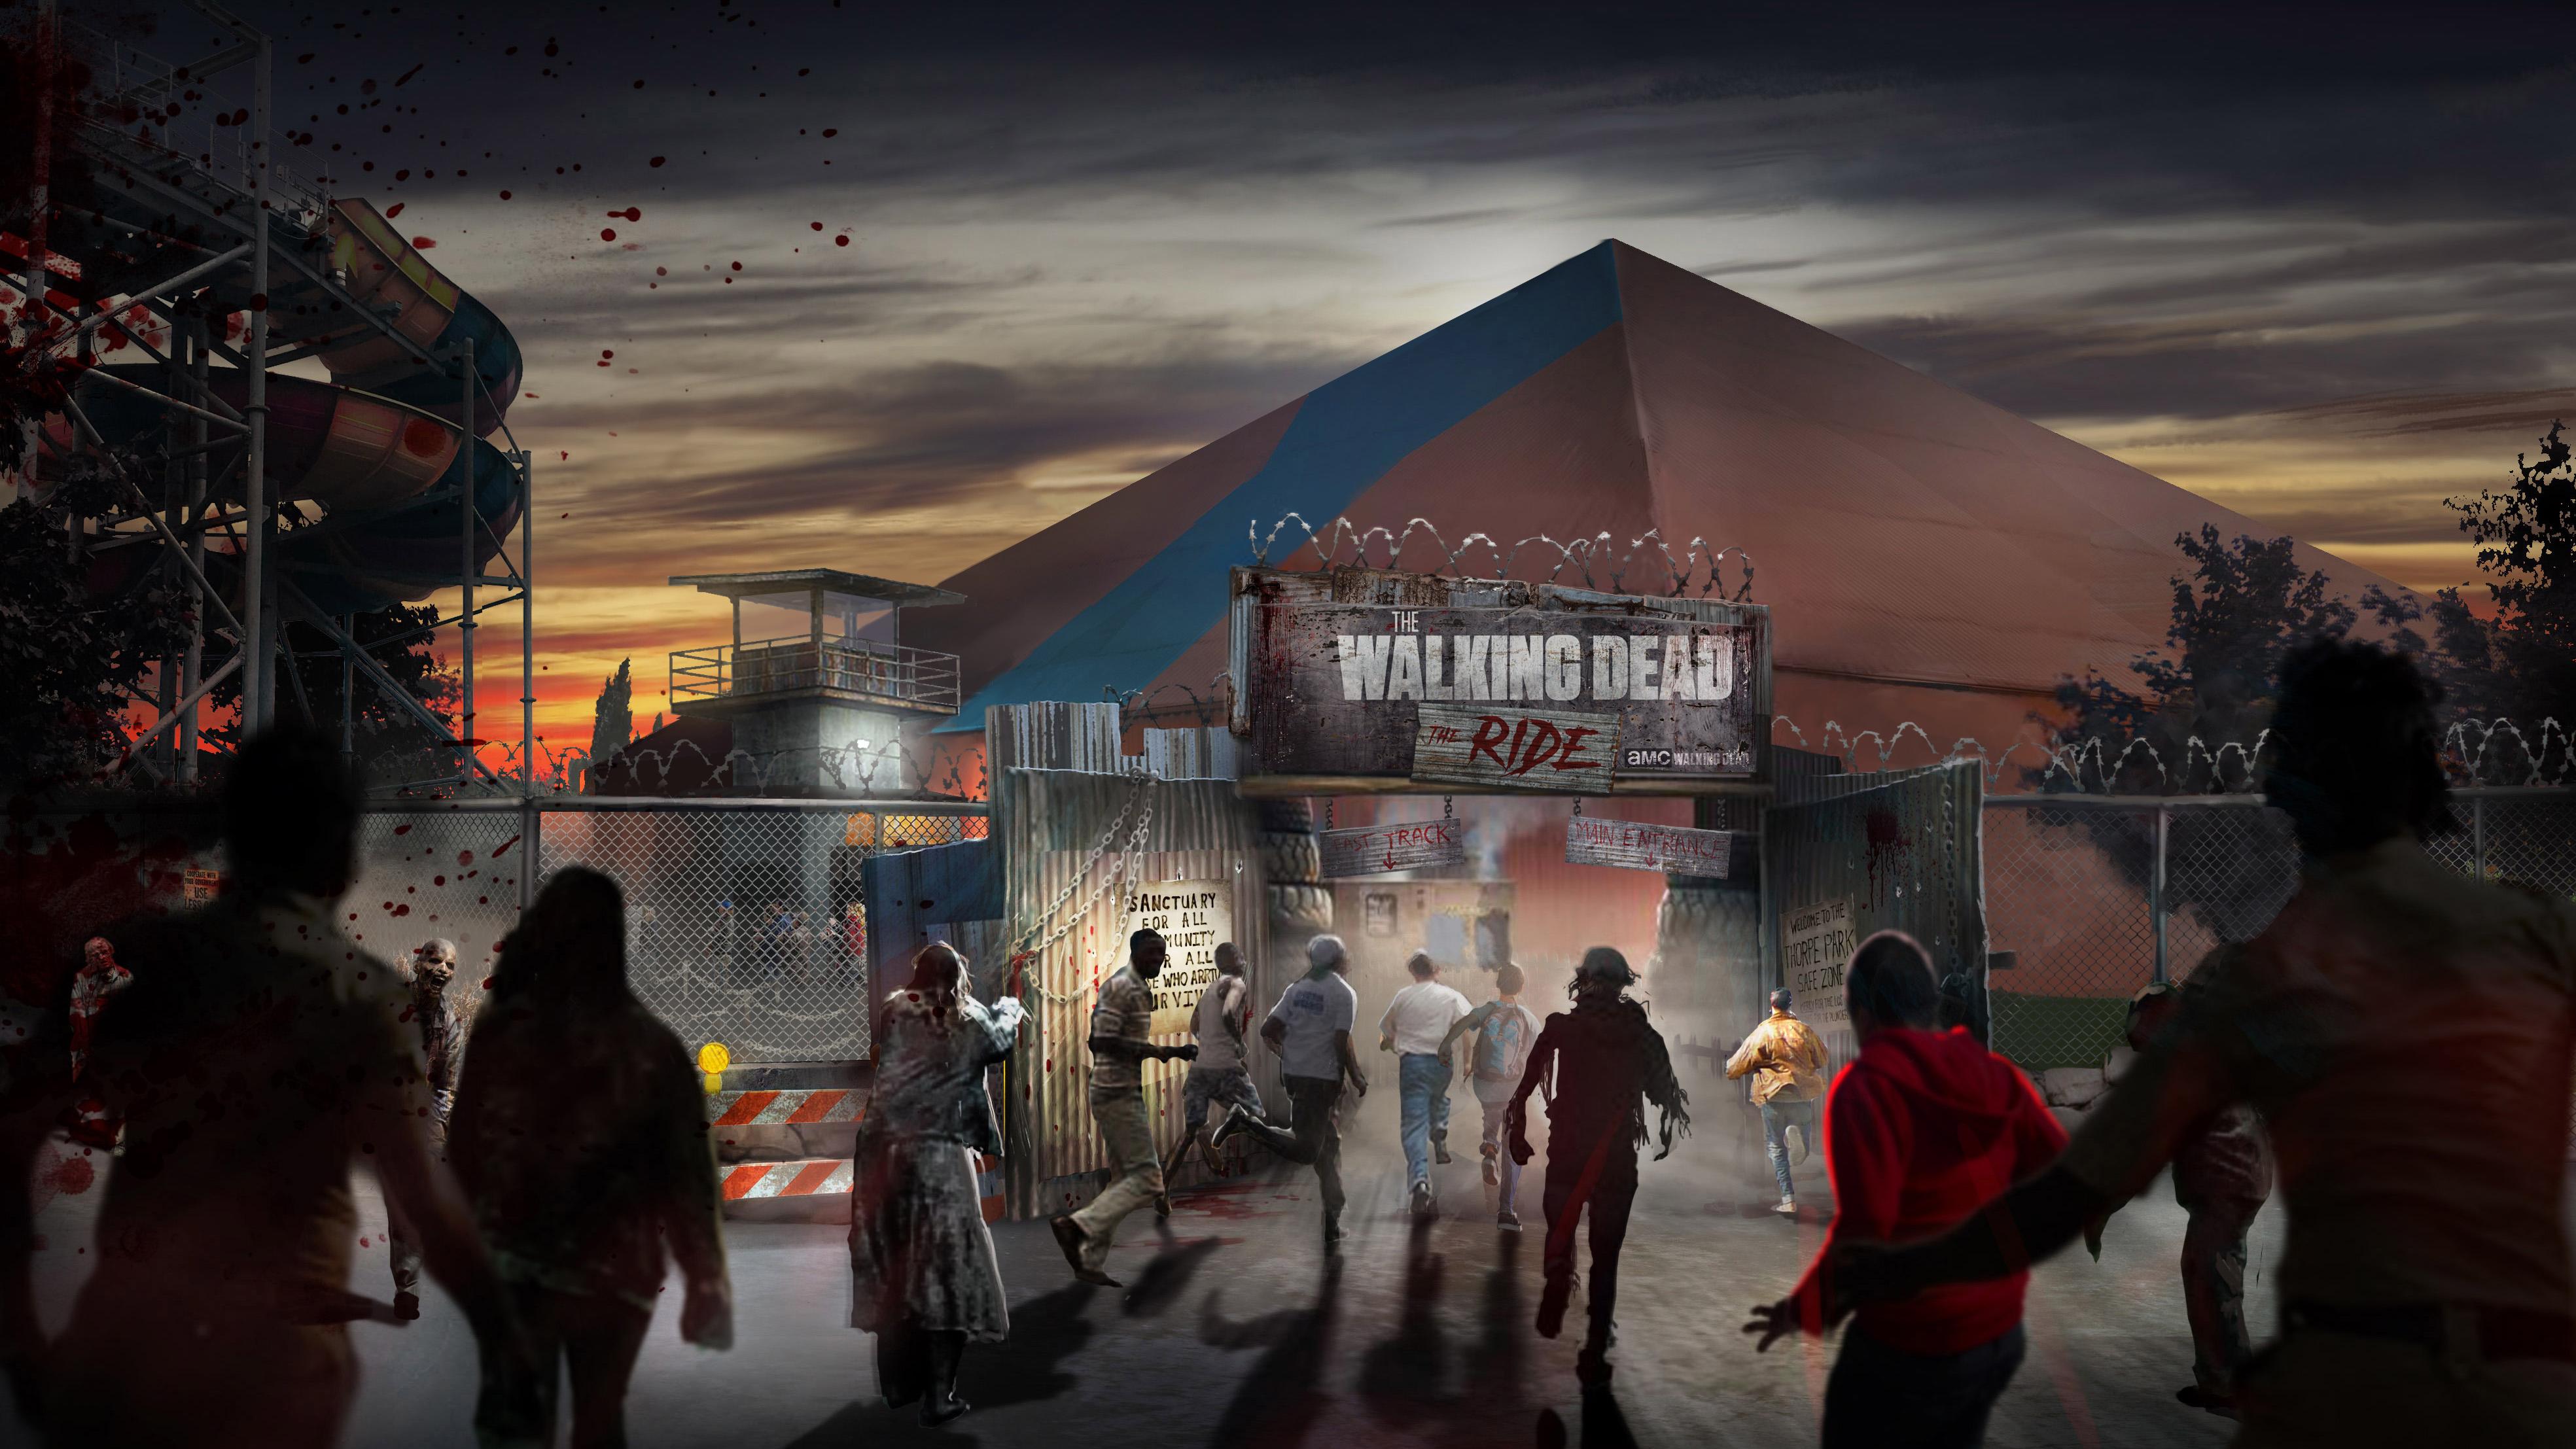 Walking Dead Ride